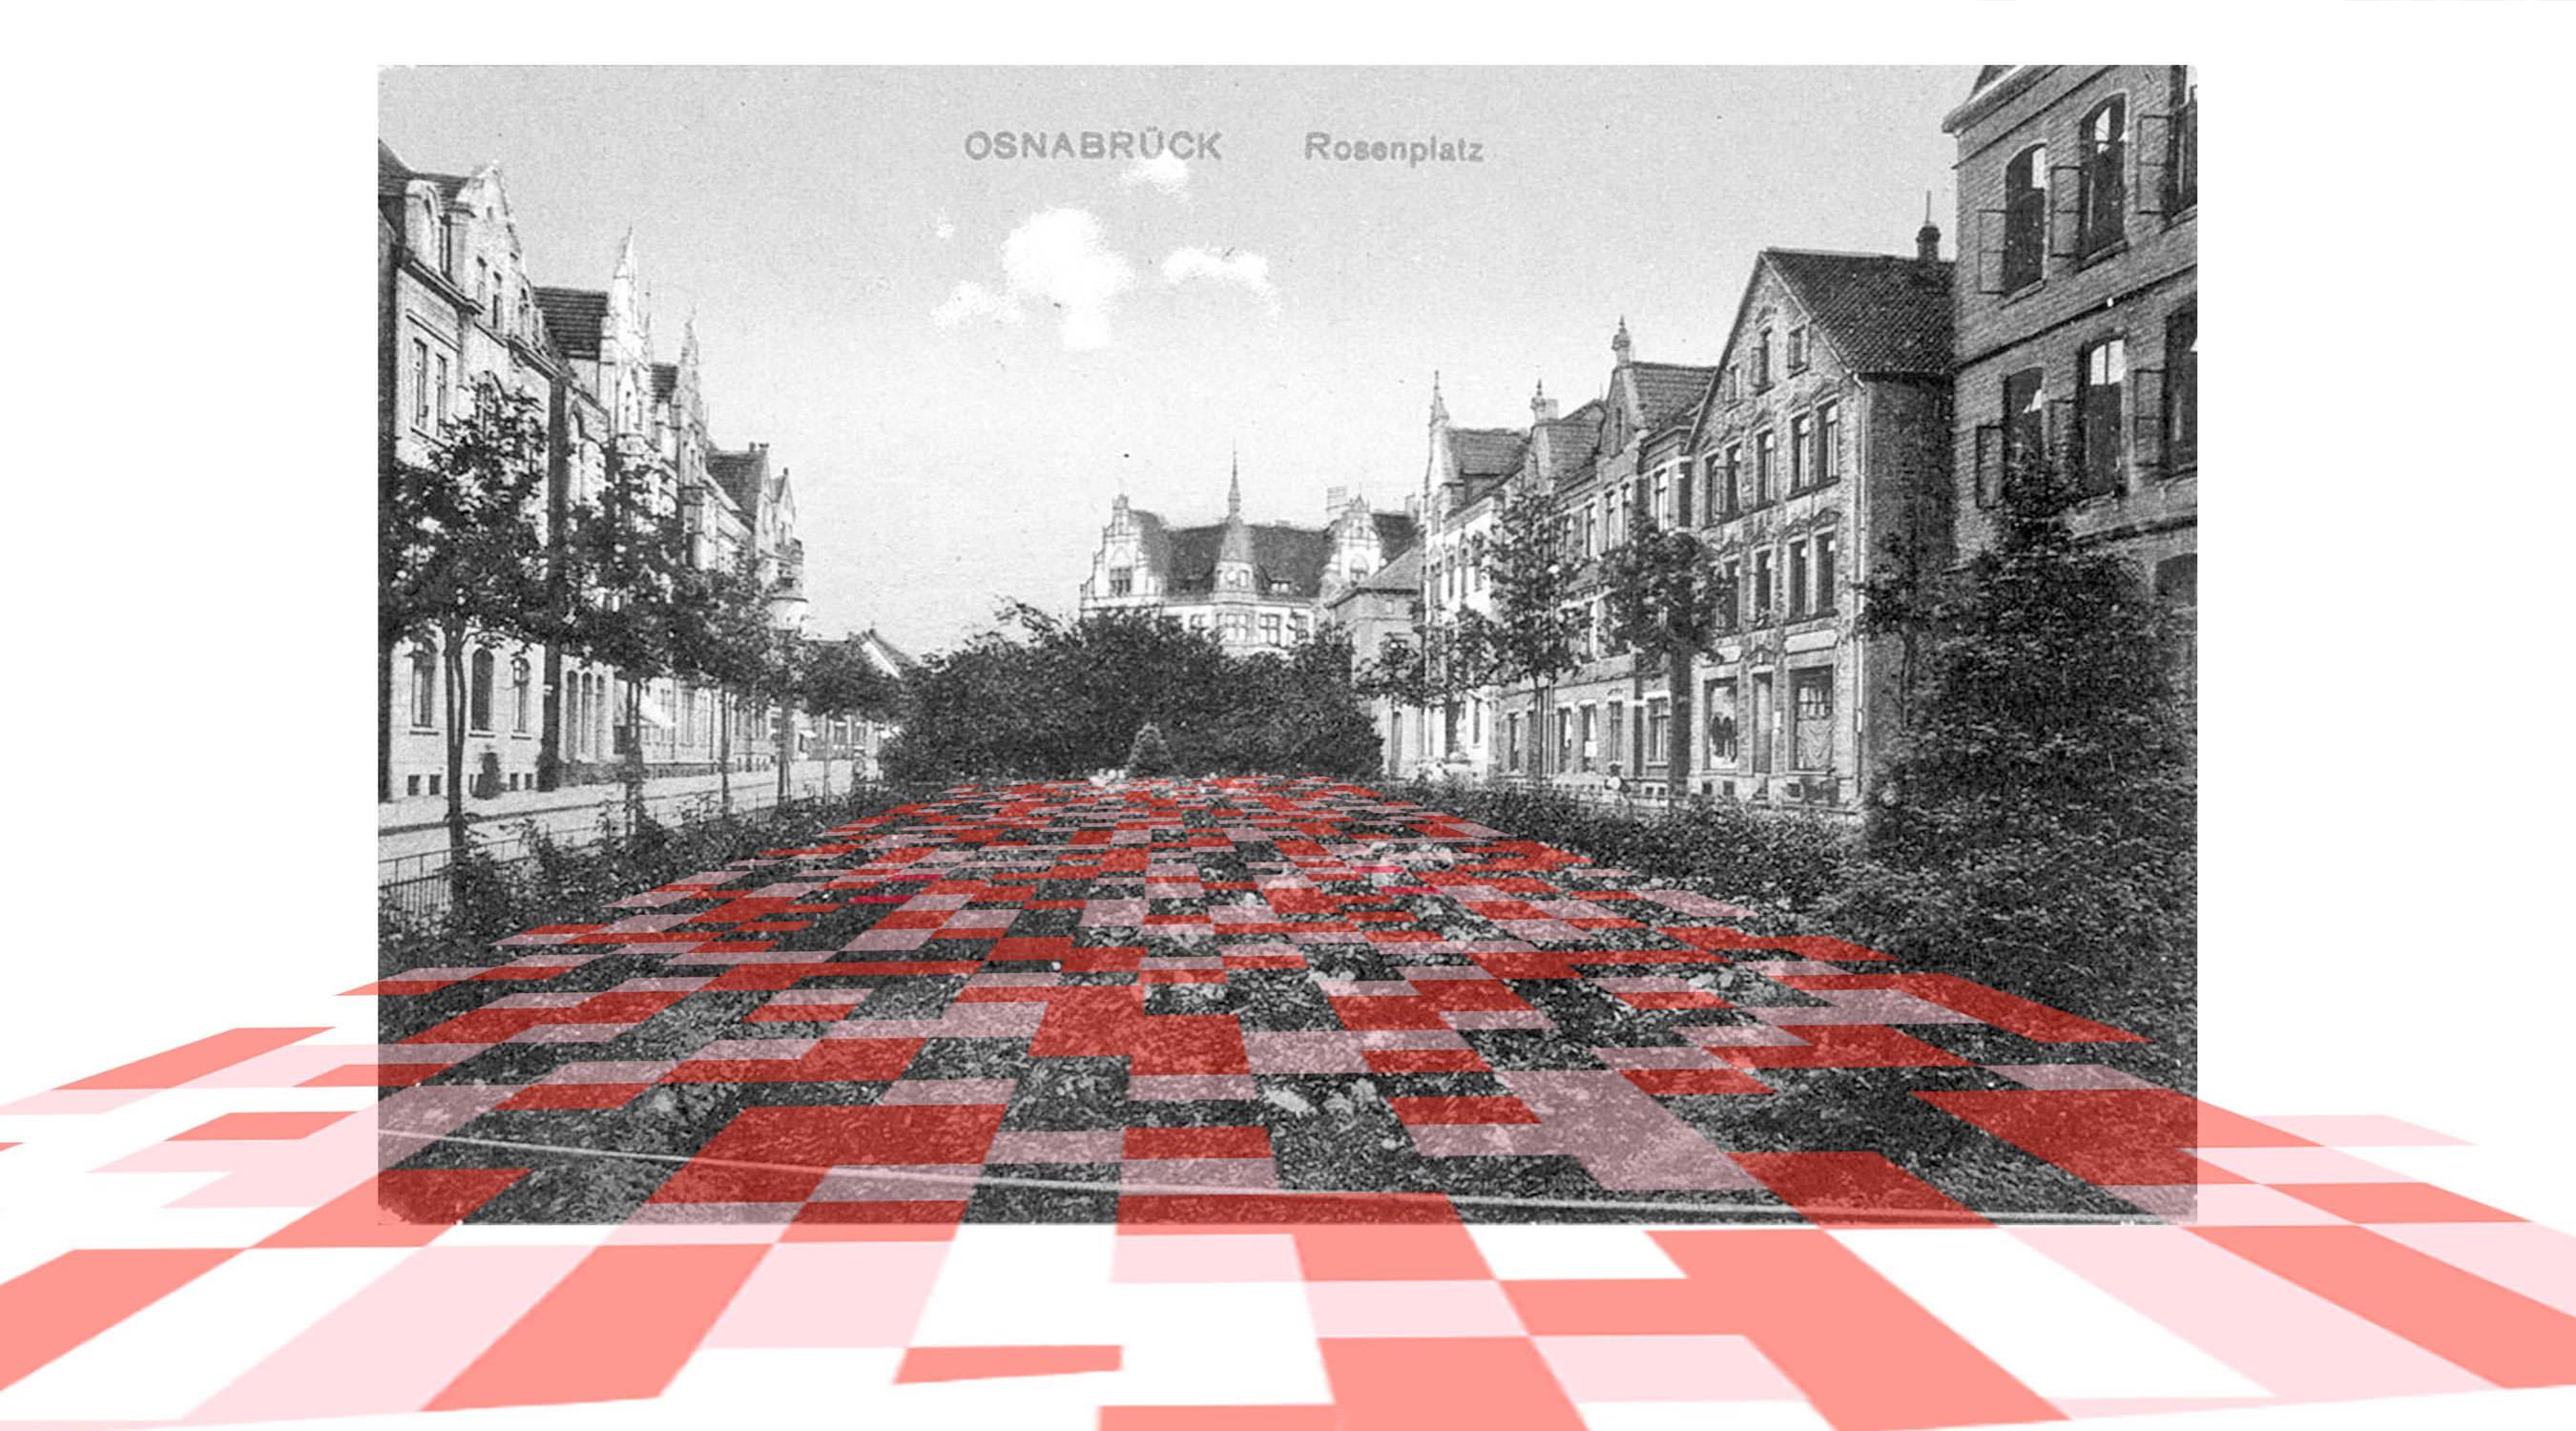 Rosenplatz Osnabrück Postkarte